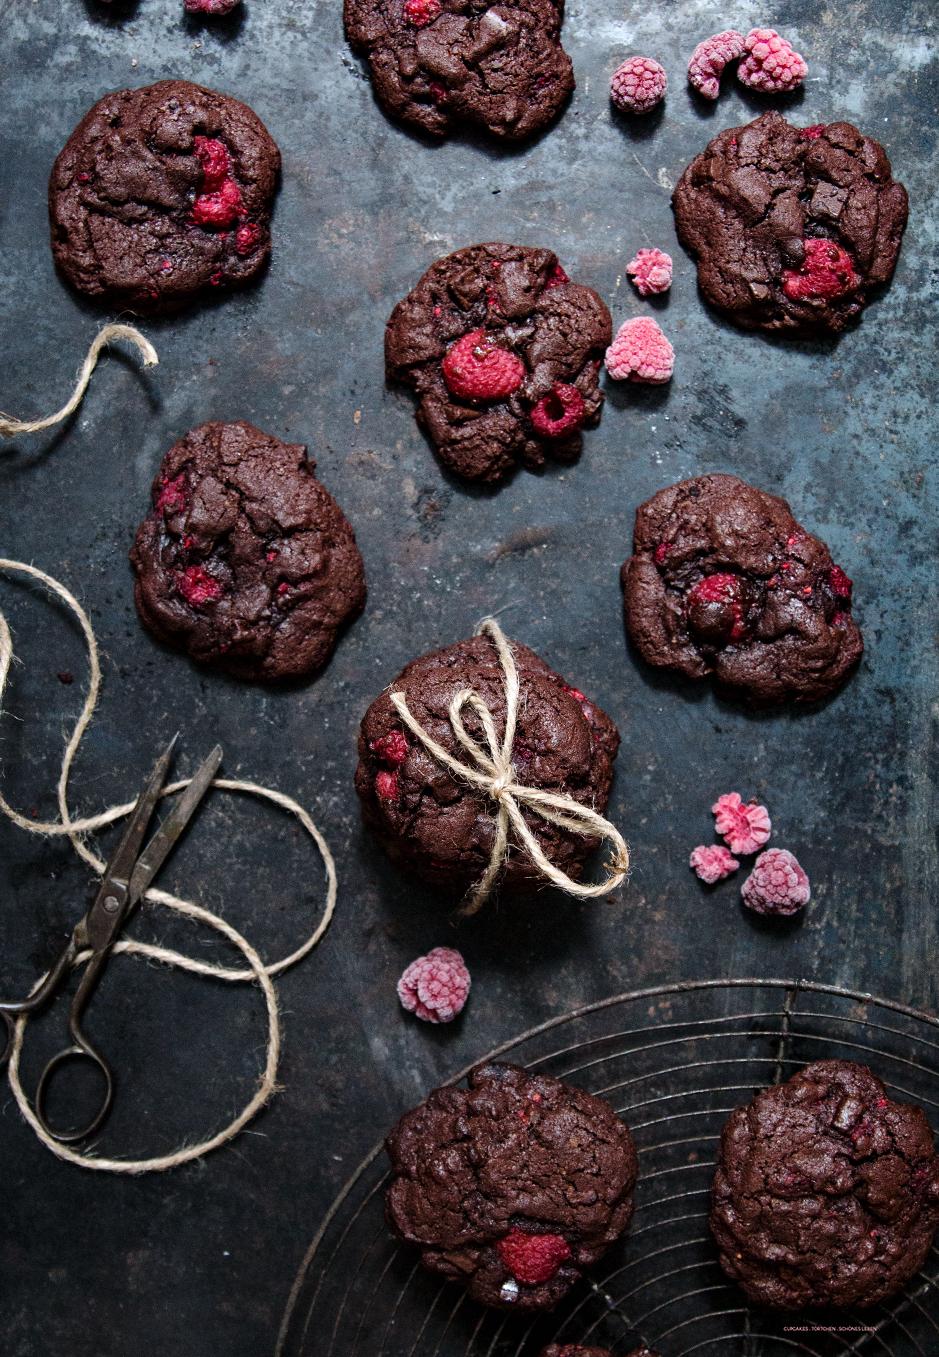 schoko-cookies2.jpg